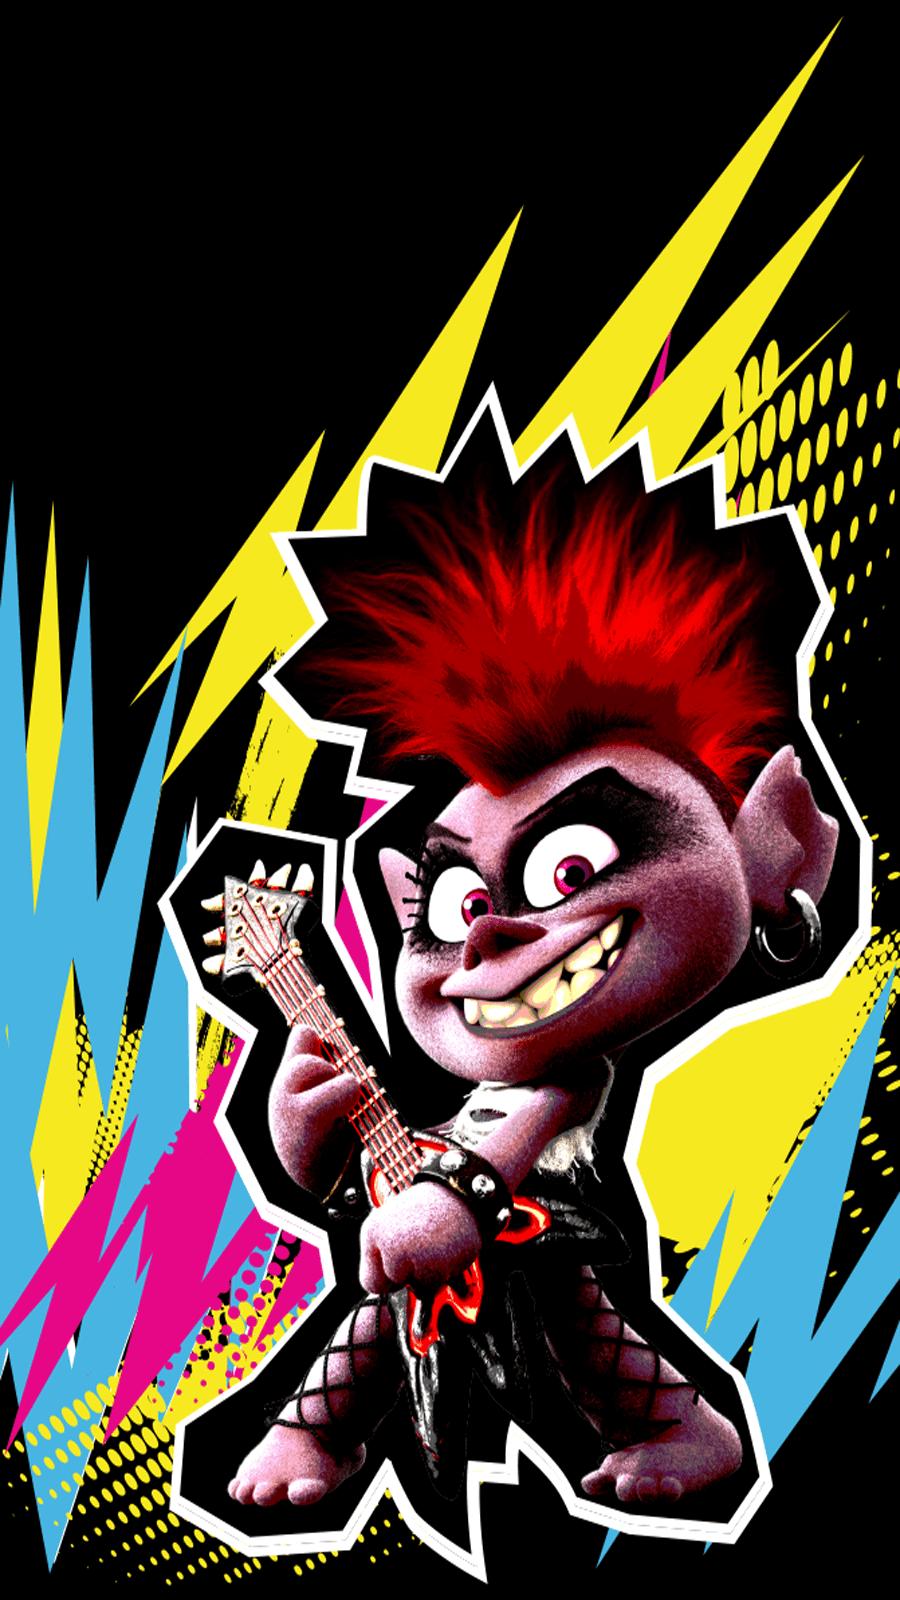 Trolls World Tour - Barb Queen of Rock Wallpaper